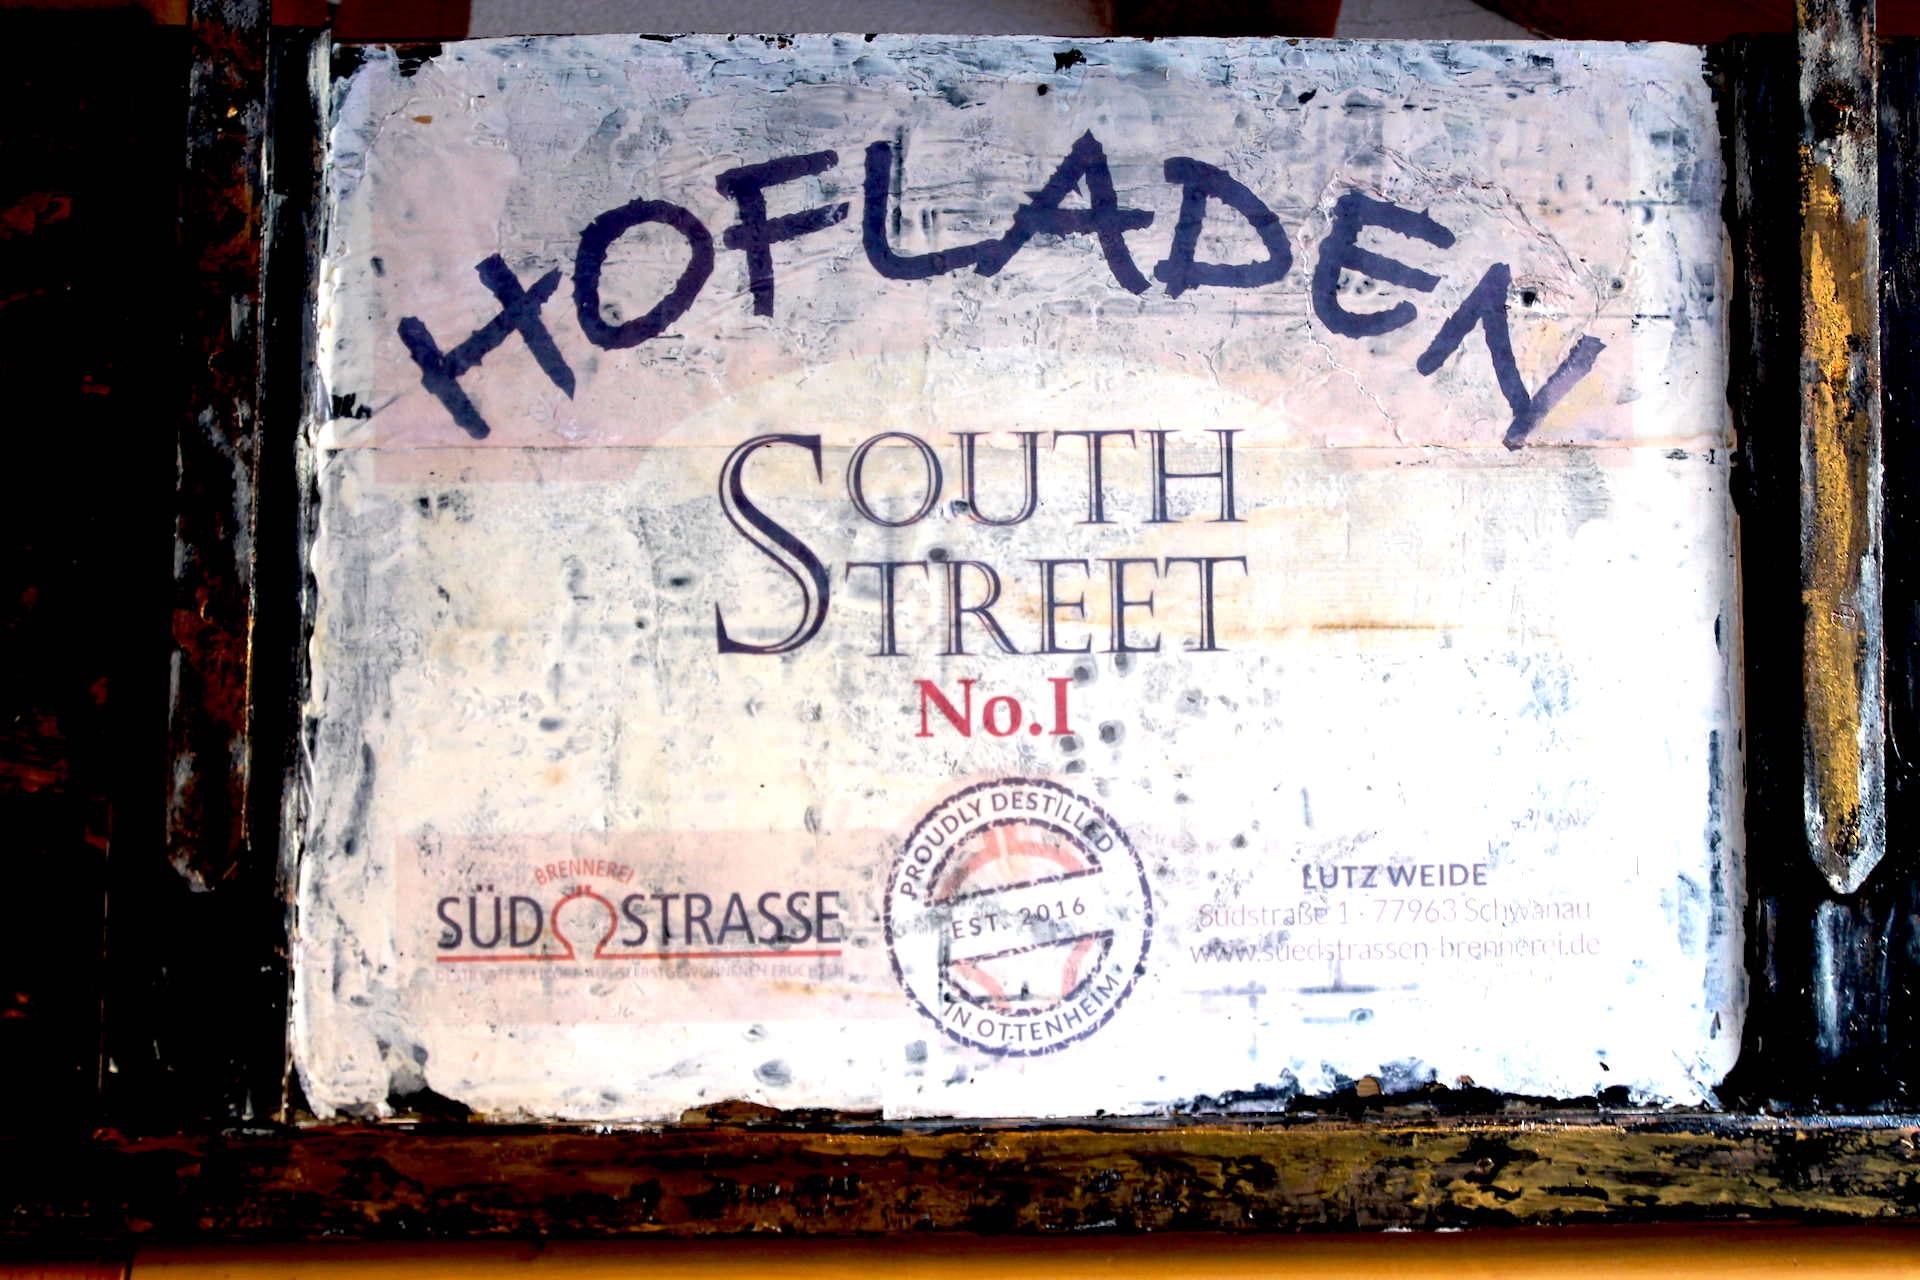 Hofladen in Schwanau-Ottenheim (Offenburg Lahr)